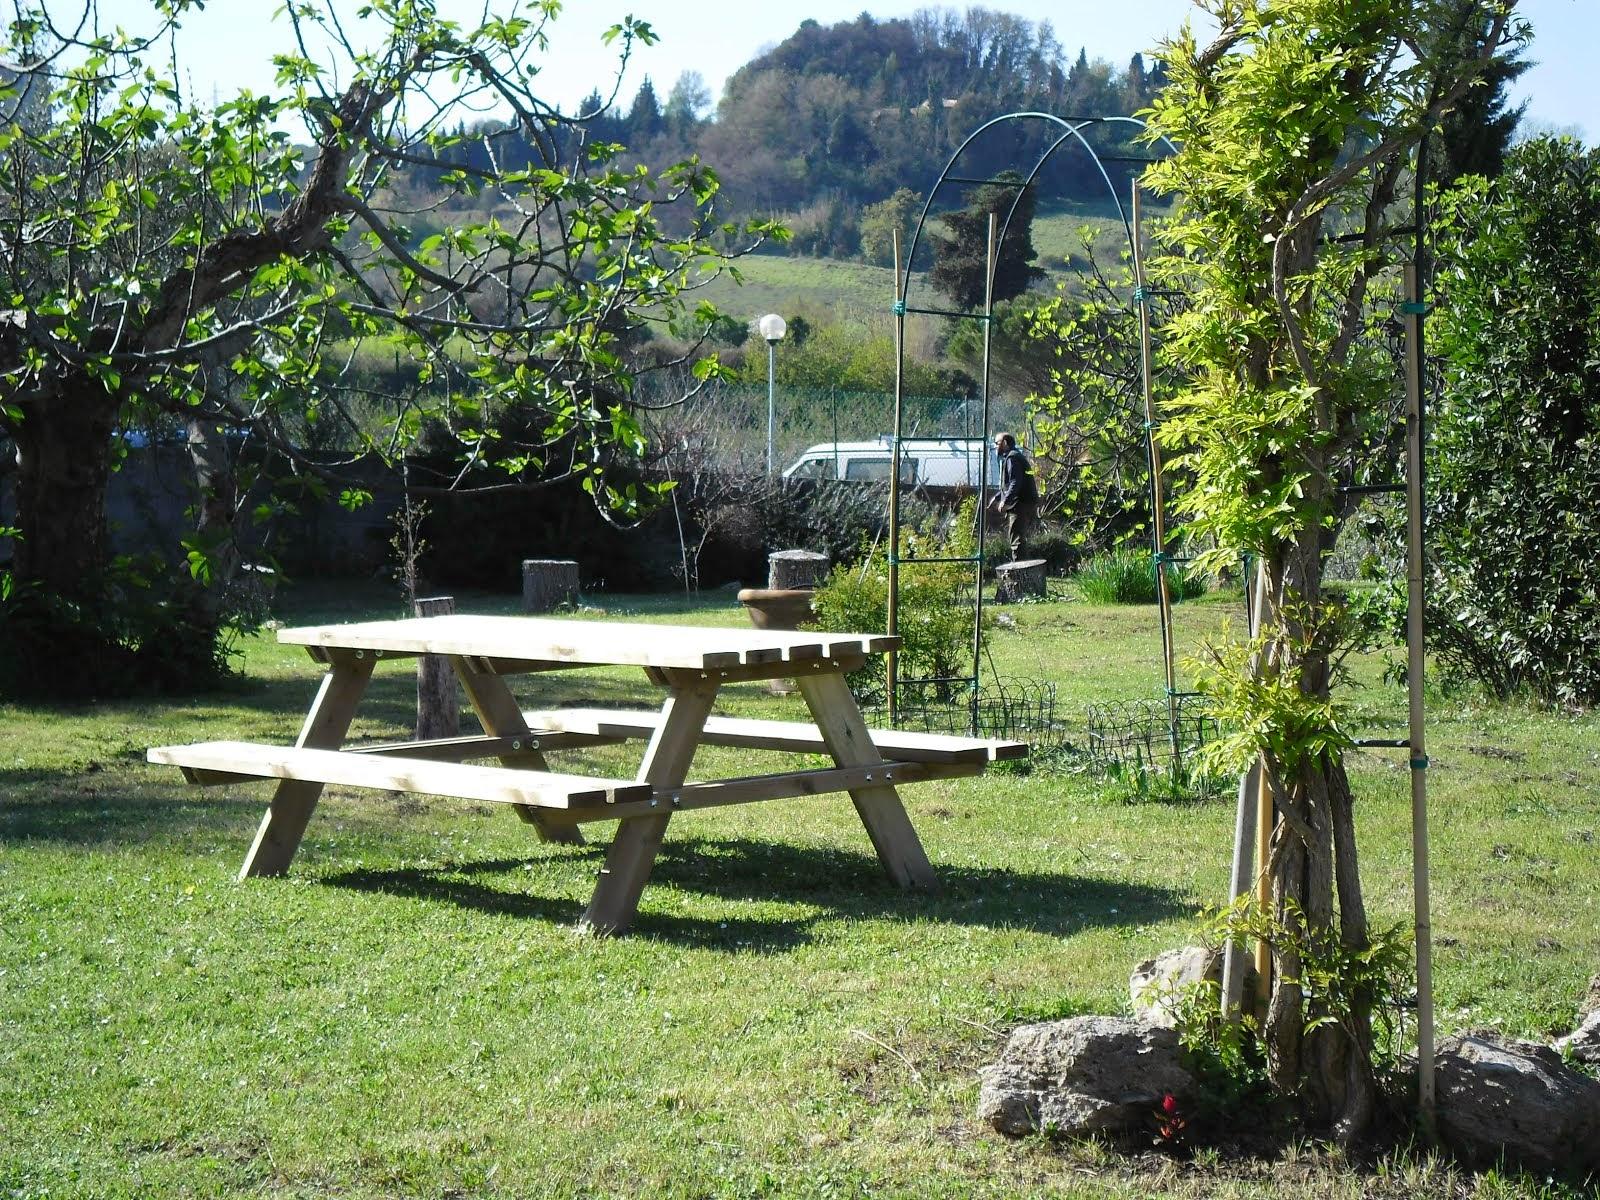 Il tavolo da pic-nic a disposizione per gli ospiti